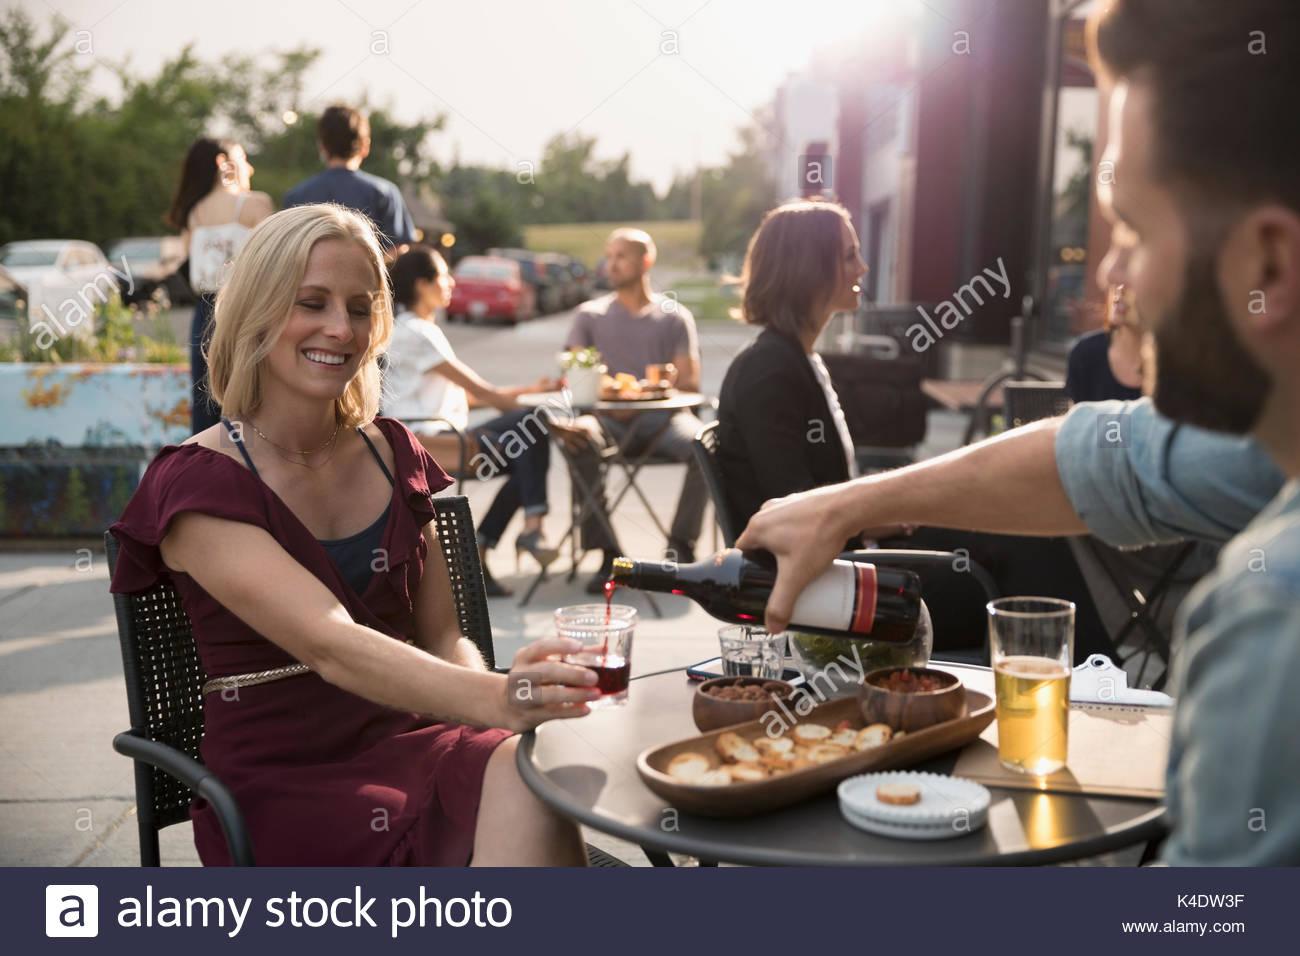 L'uomo versando il vino rosso per la ragazza al cafè sul marciapiede Immagini Stock